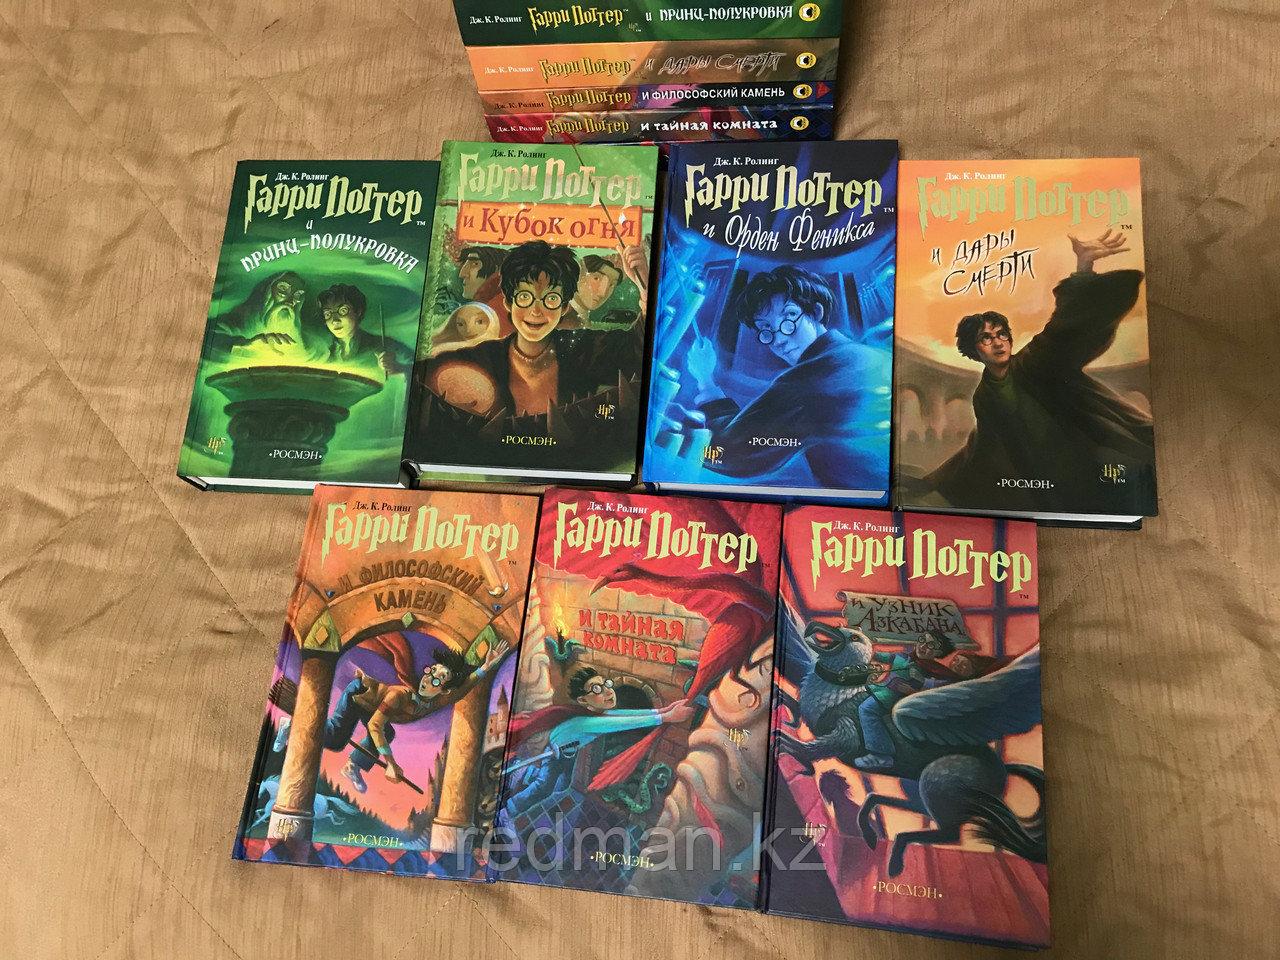 Комплект книг Гарри Поттер в переводе от Росмэн (старый перевод) - фото 1